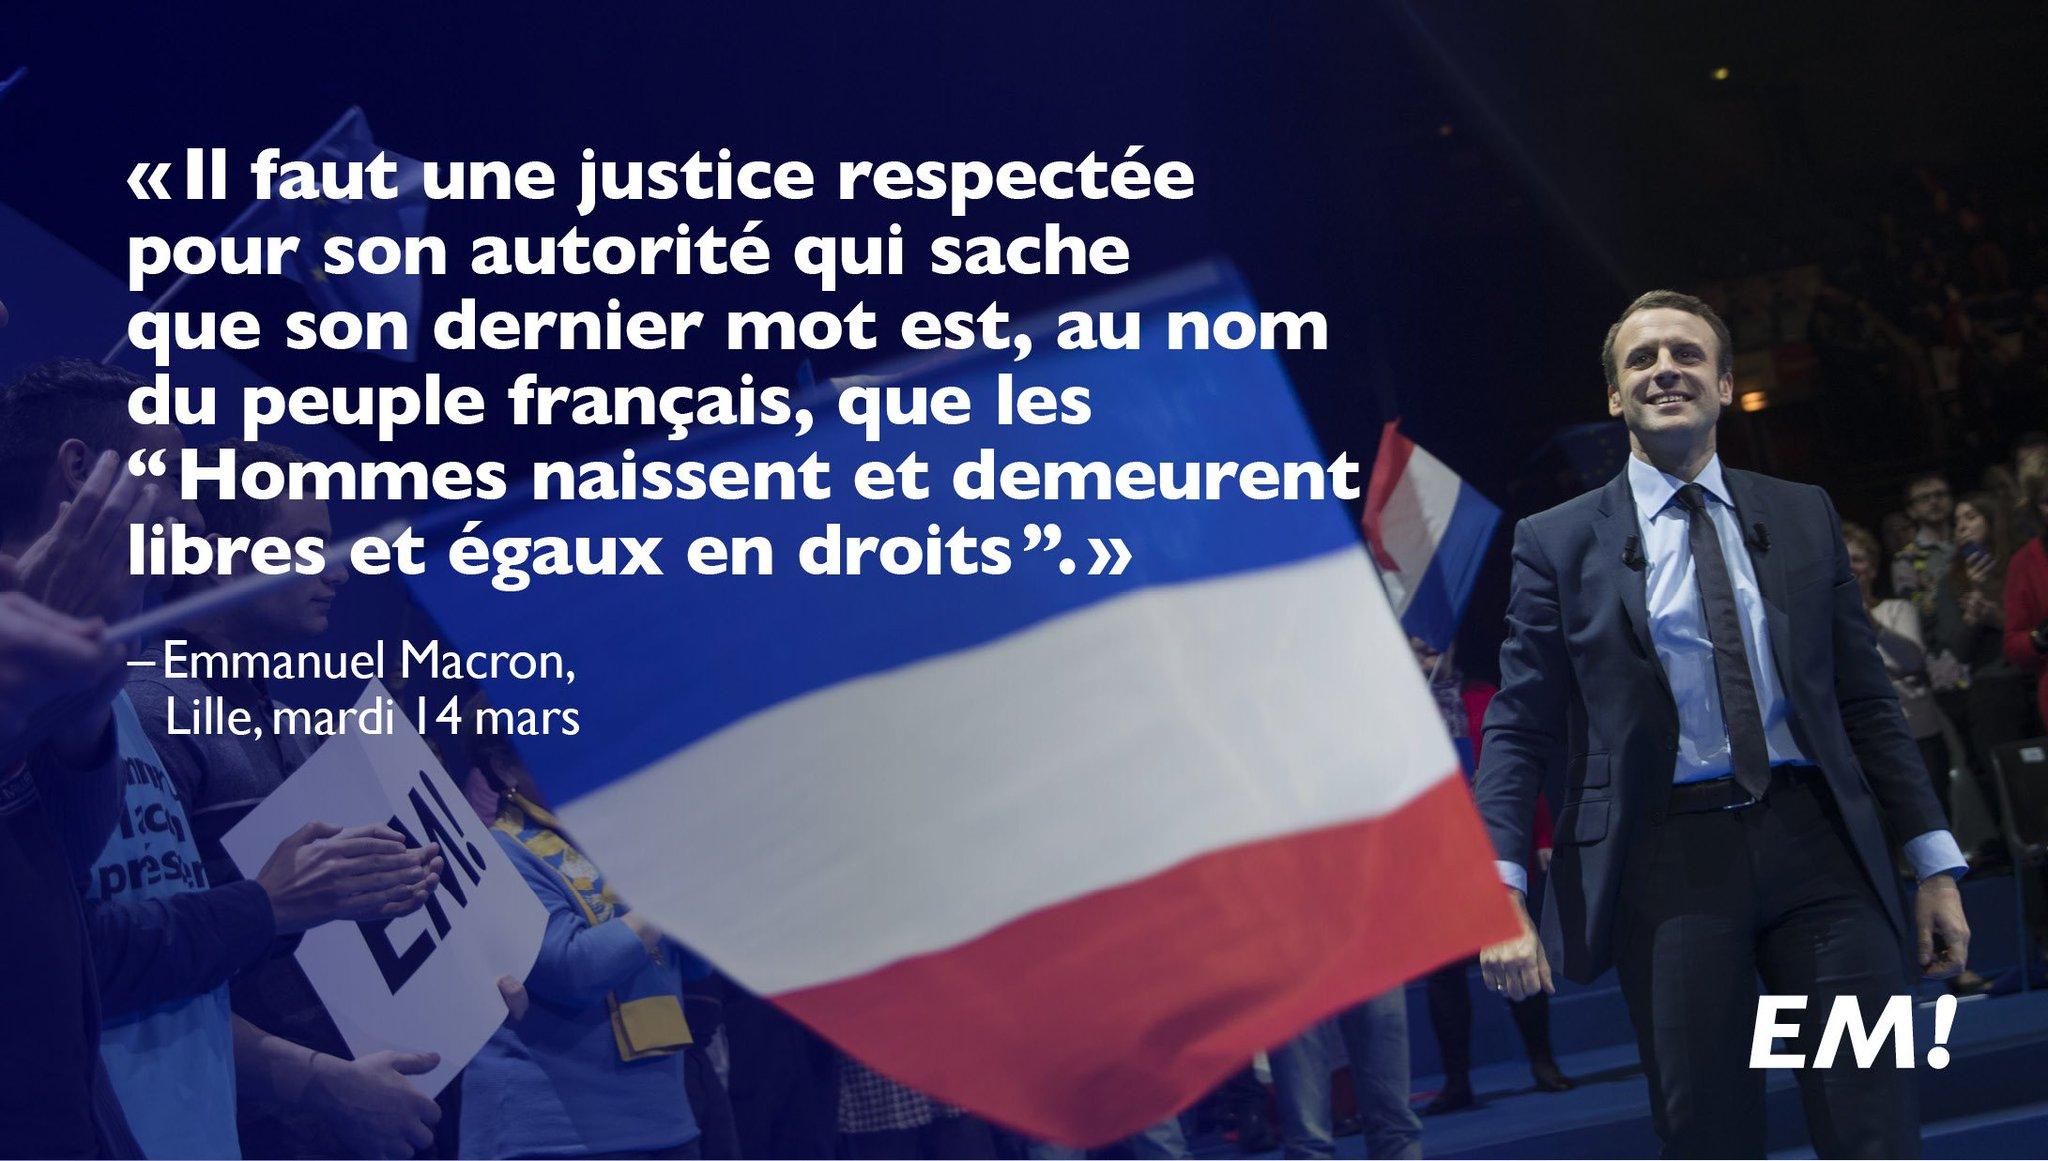 Une justice respectée, avec pour dernier mot : « Les Hommes naissent et demeurent libres et égaux en droits. » https://t.co/TWE0X3UYkG